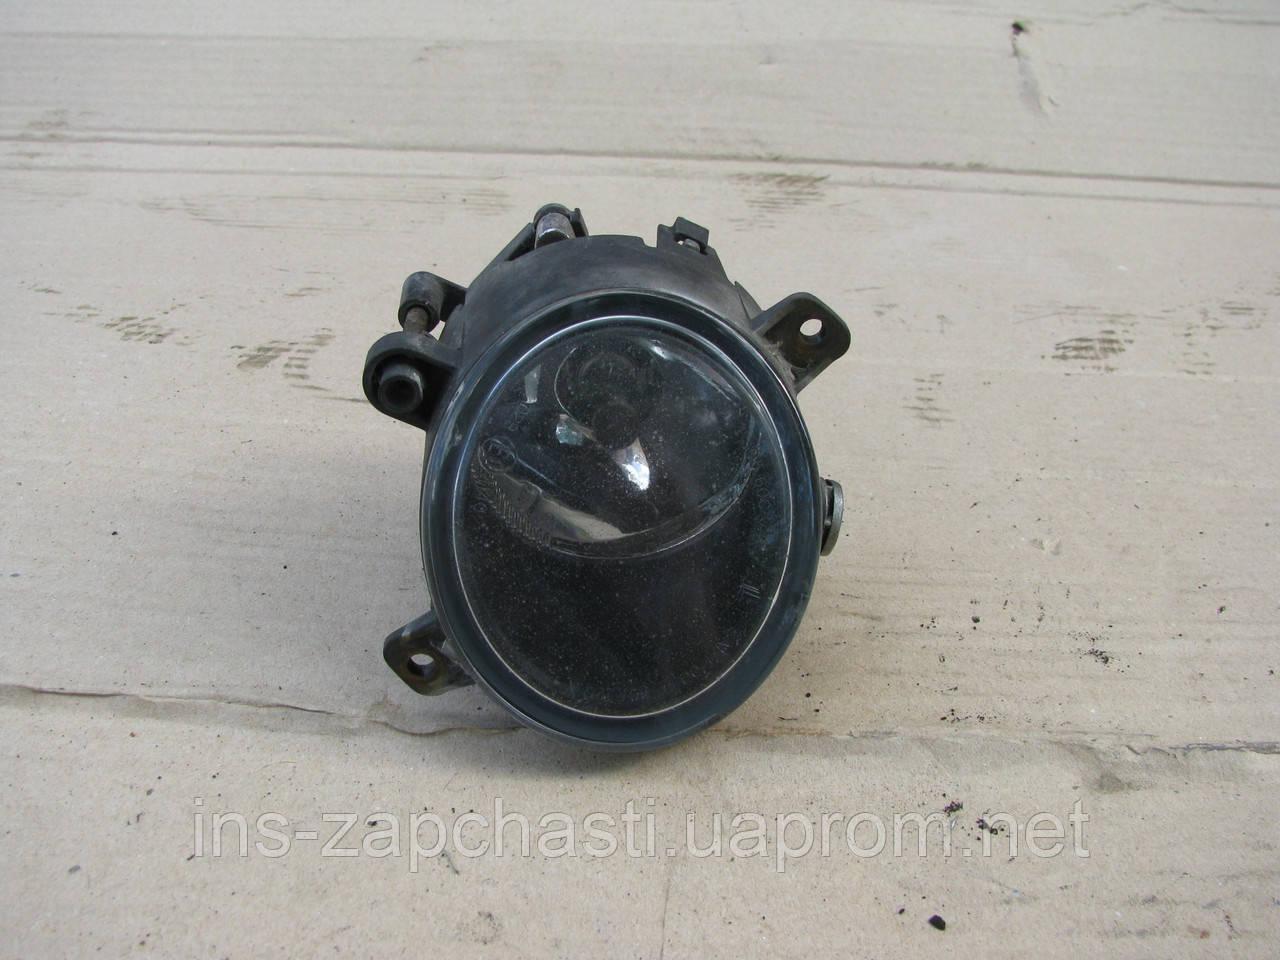 Фара противотуманная правая 1S7115K201AC Ford Mondeo 2000-2007